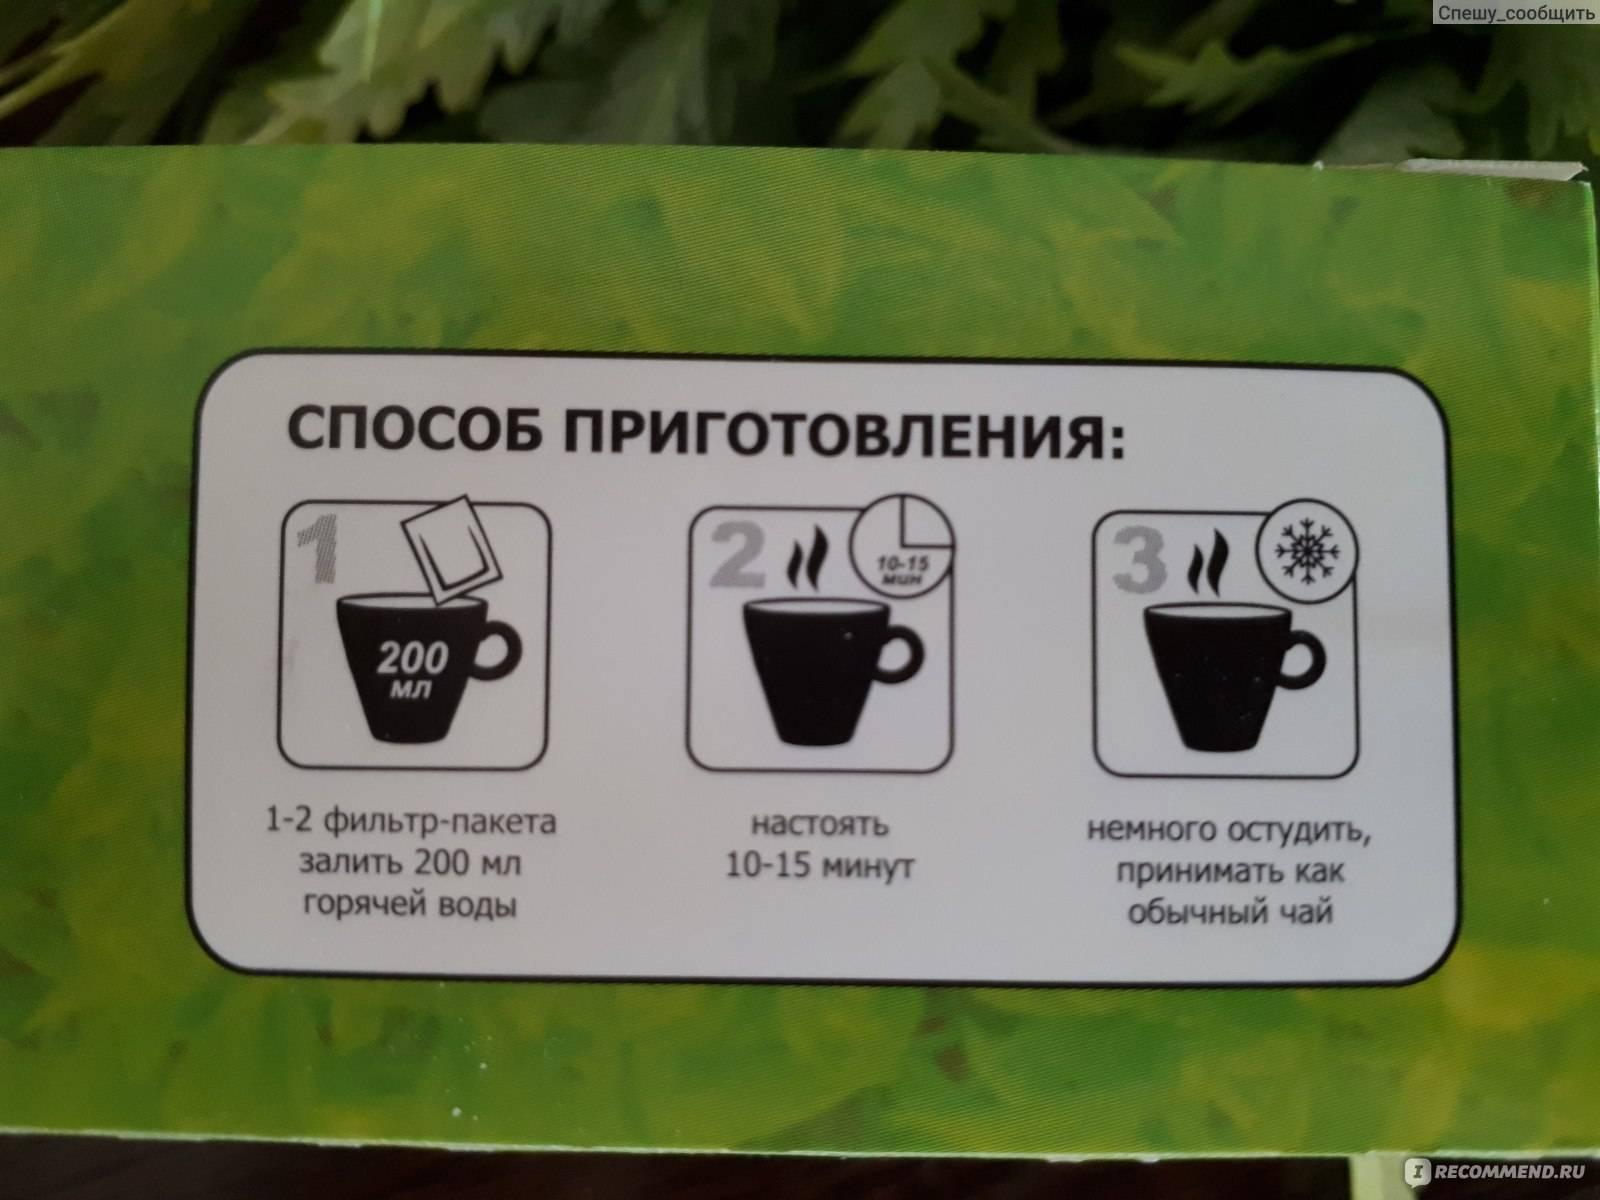 Как приготовить ароматные чайные смеси своими руками